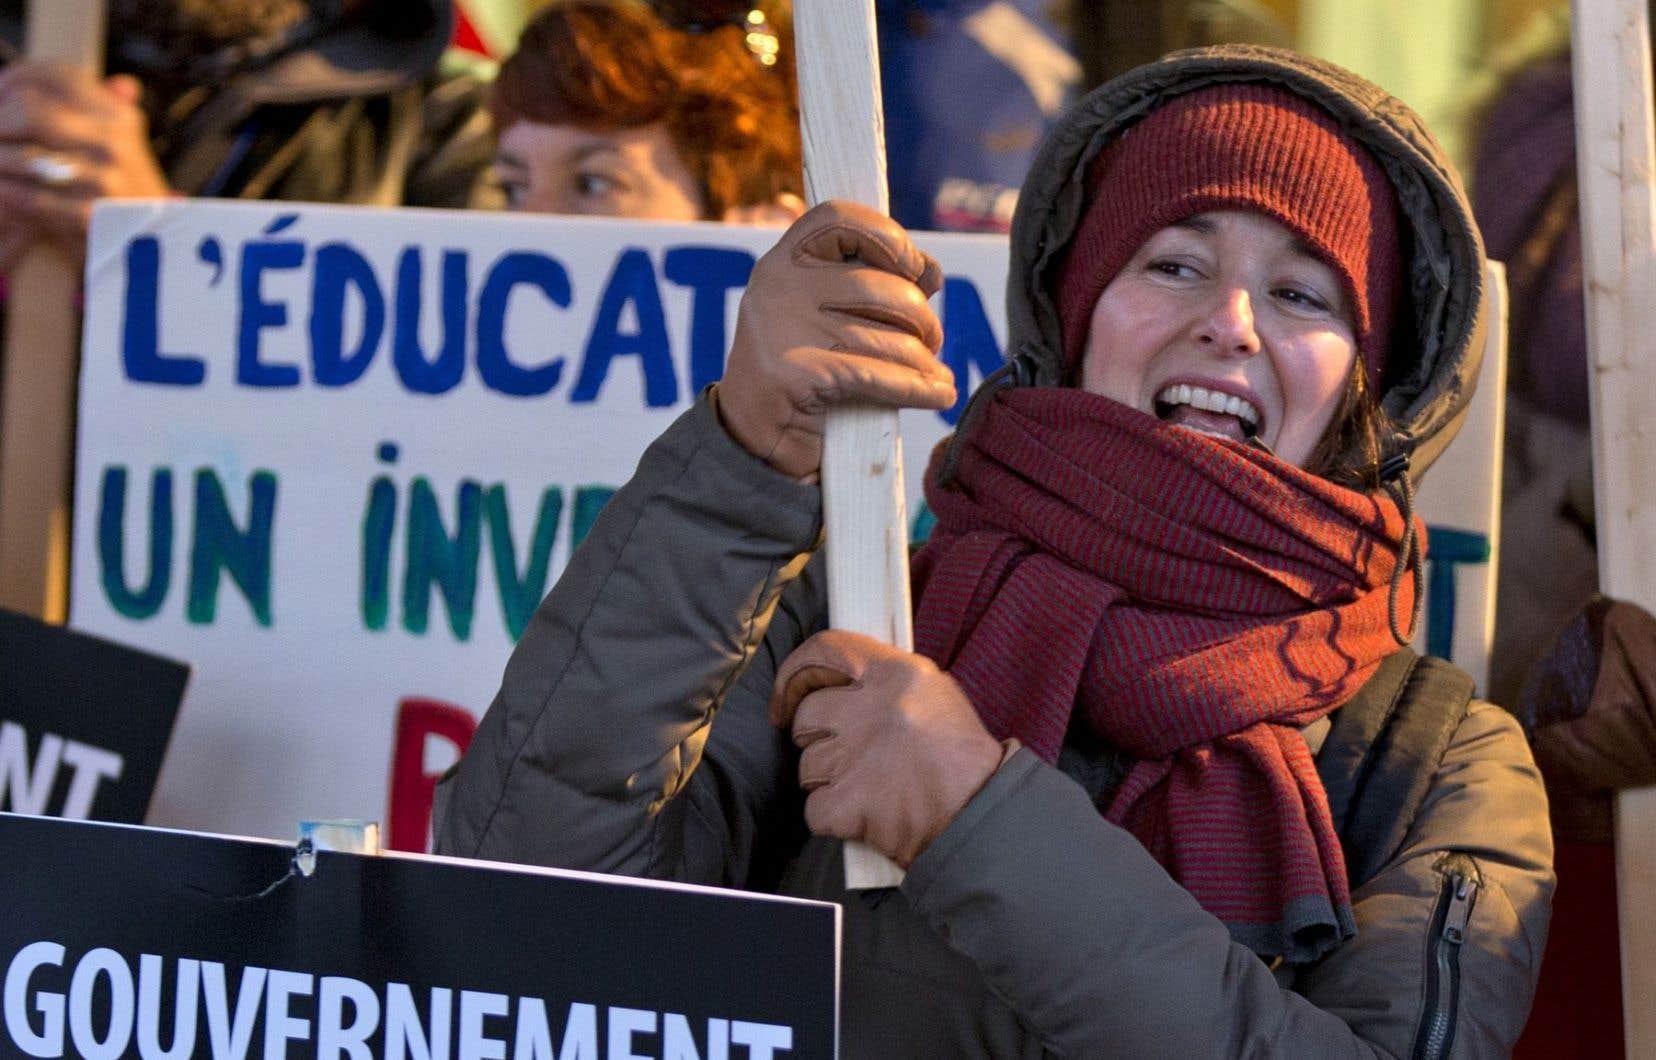 En raison de la grève, tous les services aux élèves, jeunes et adultes, incluant le transport scolaire et les services de garde, sont annulés mercredi et jeudi